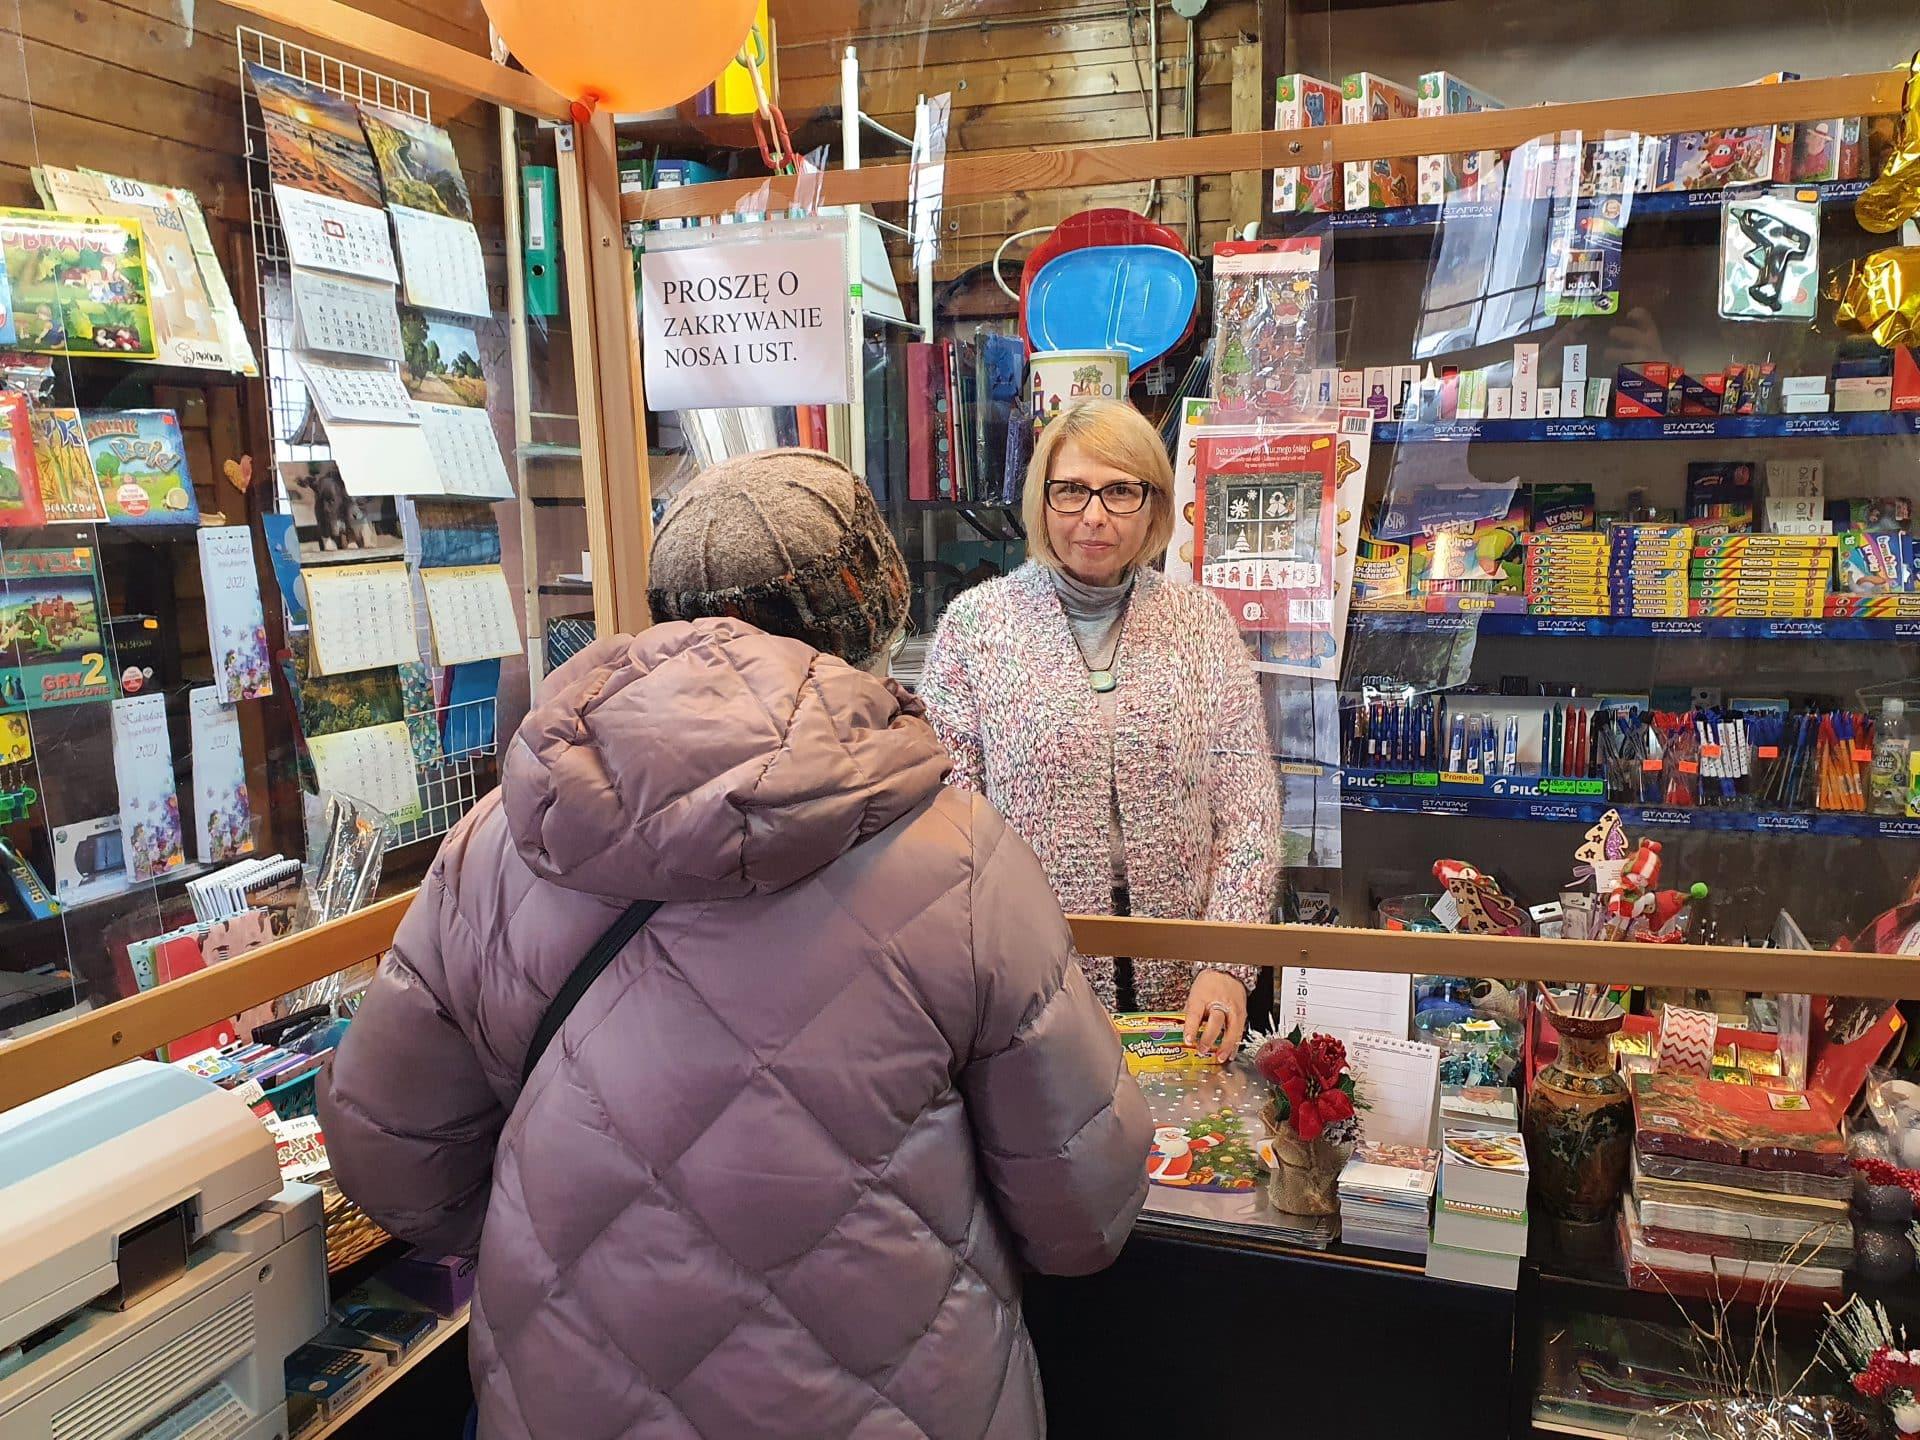 Tutaj wizyta klienta, to coś więcej niż tylko sam sam zakup. - Jestem trochę jak barman - pół żartem, pół serio mówi właścicielka sklepu - Magdalena Prochal-Bosak.